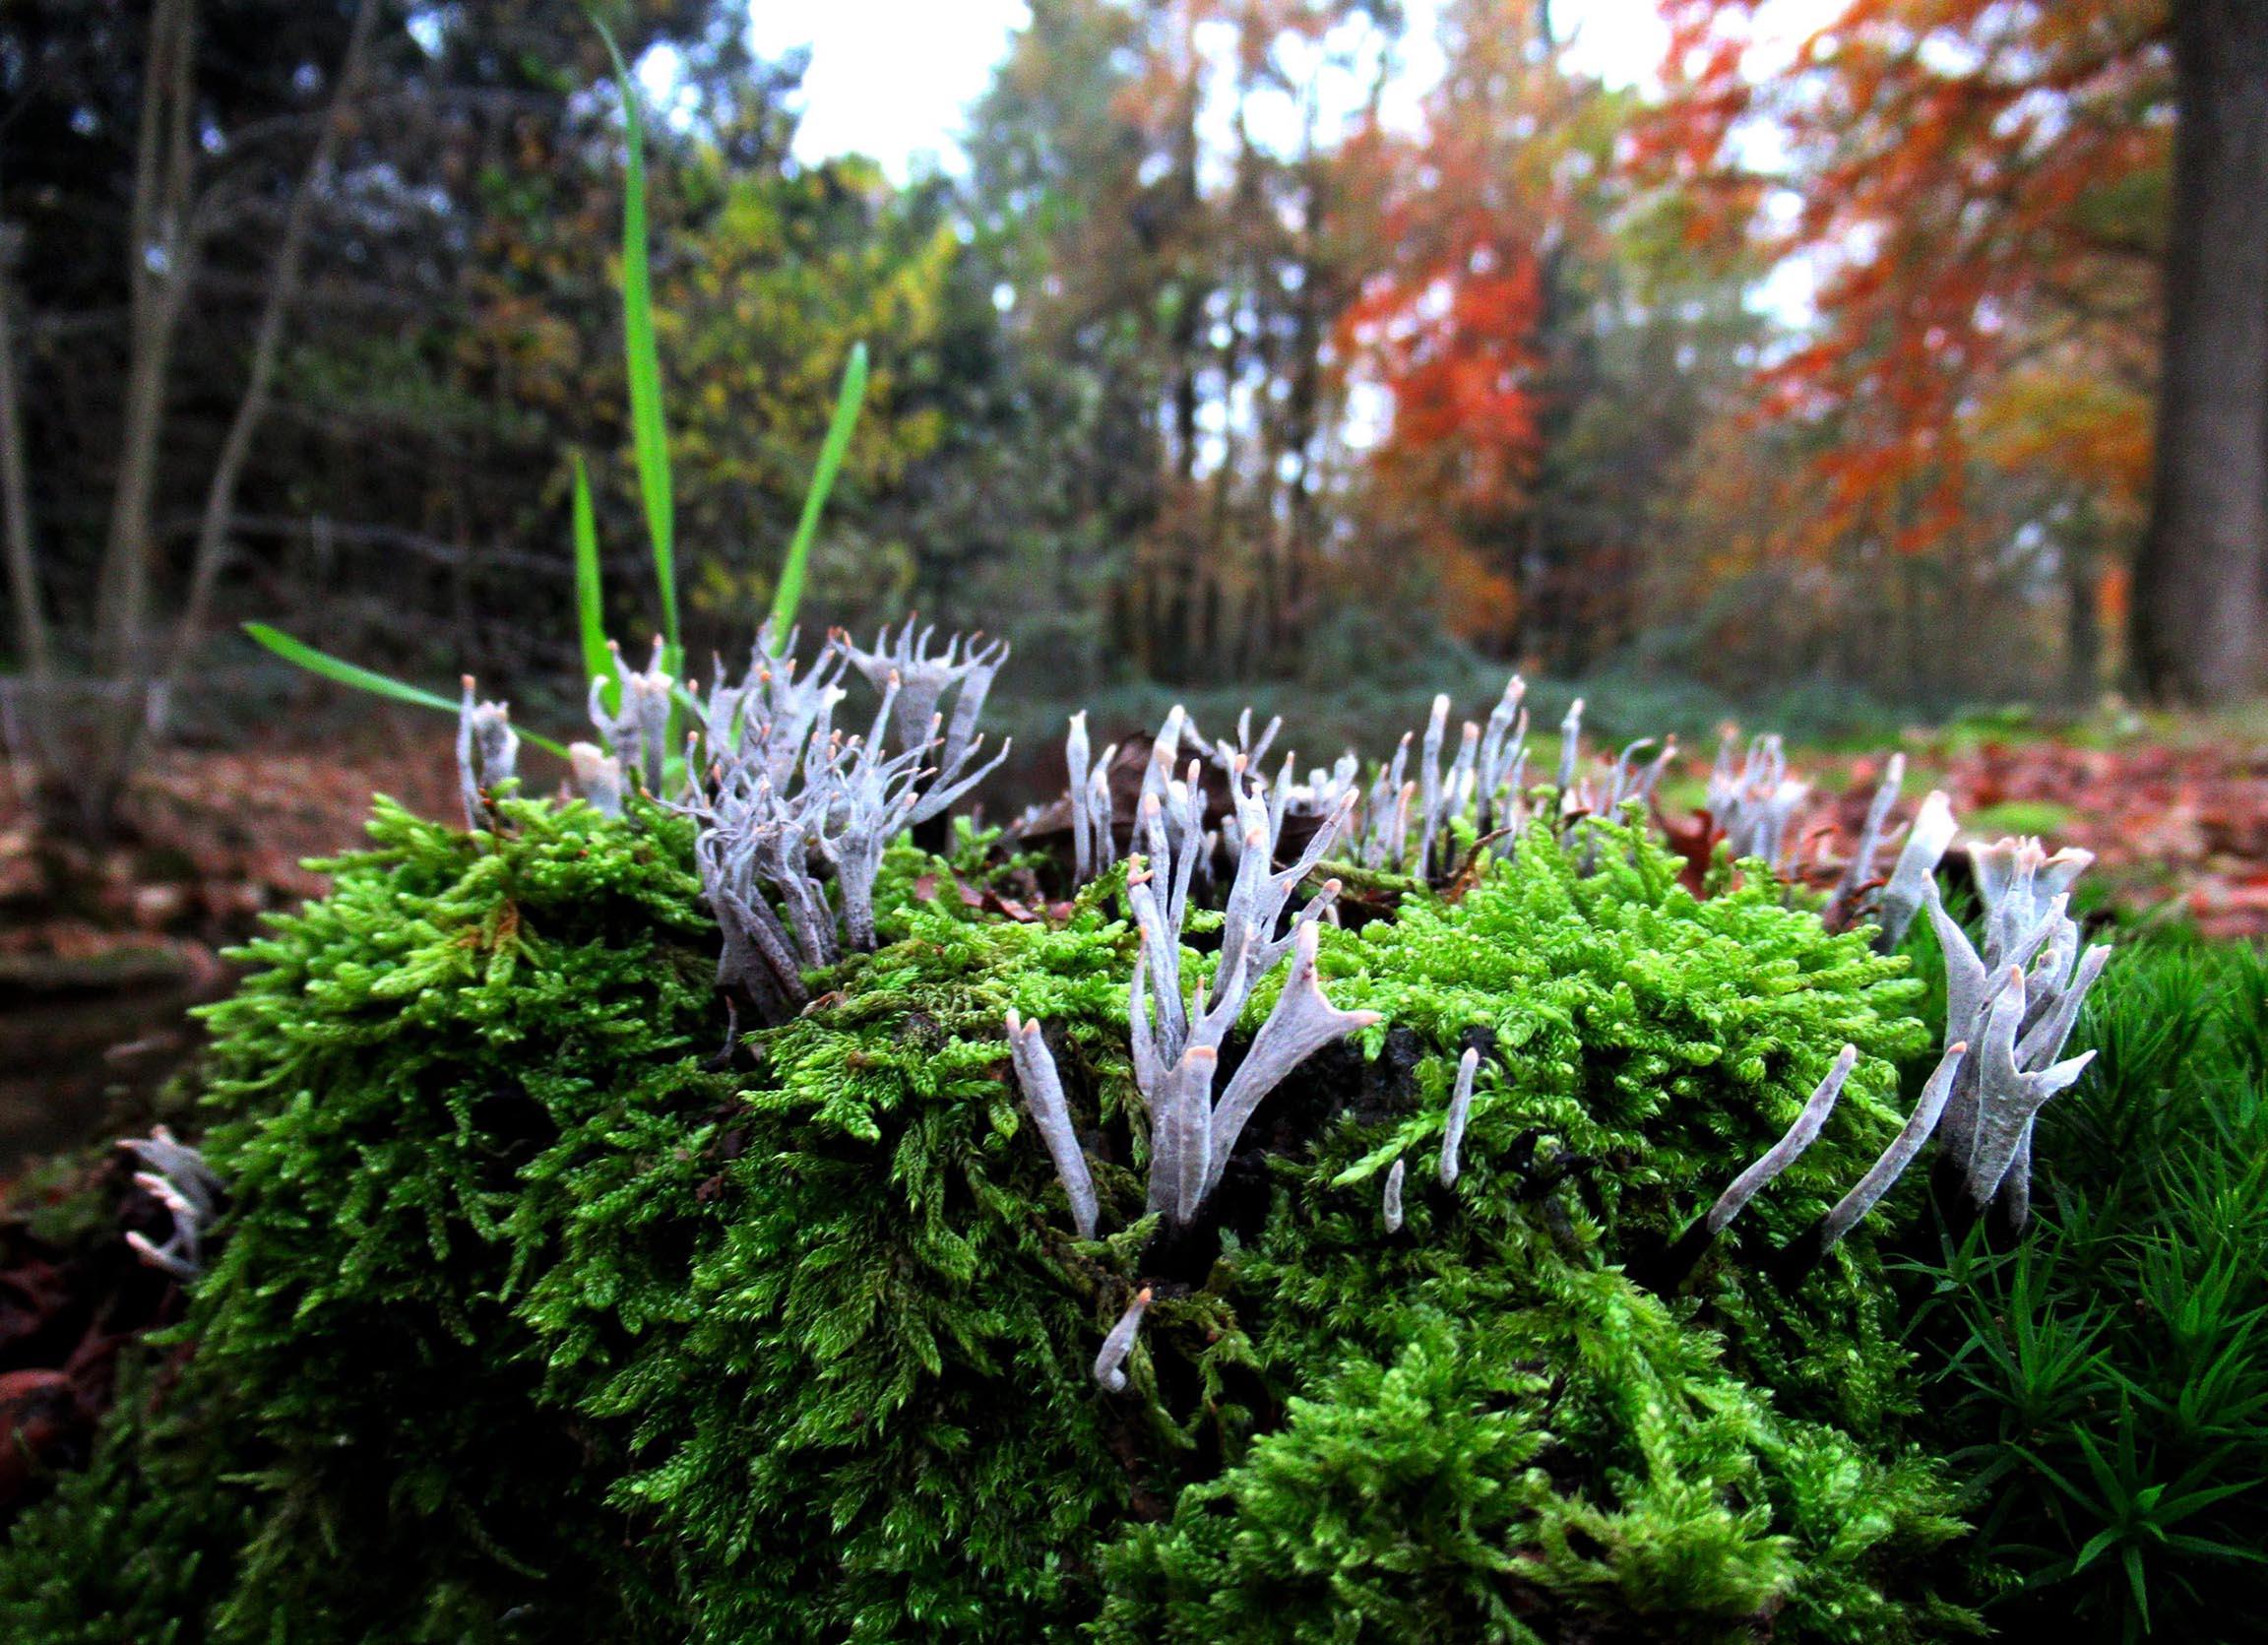 Prachtige witte geweizwammetjes tussen het mos op een oude boomstronk - Foto: ©Fransien Fraanje